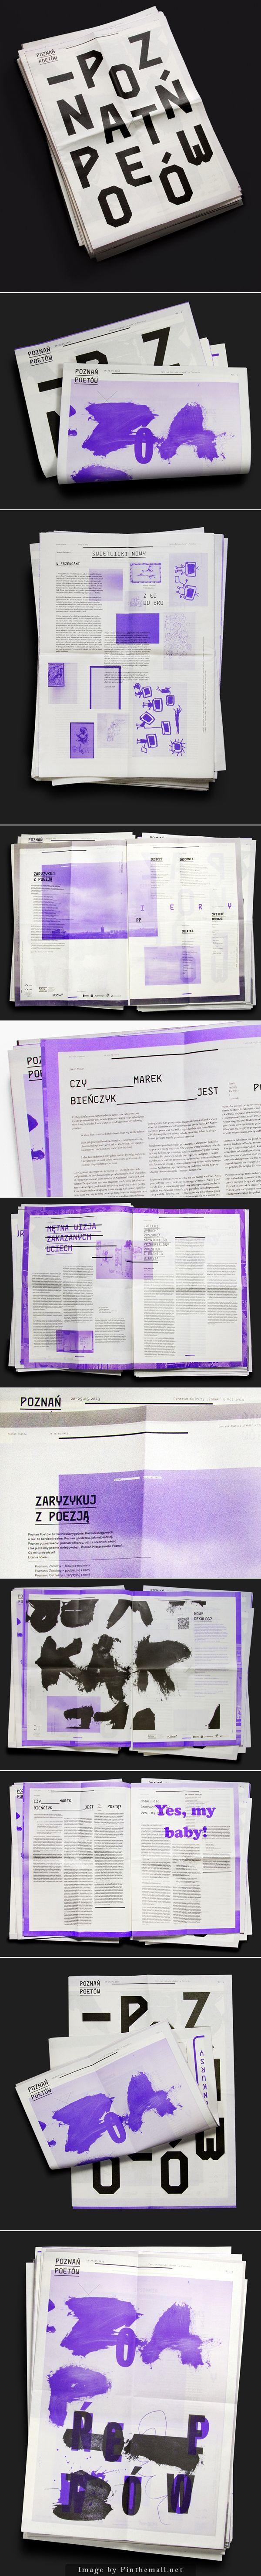 Poets' Poznan – Newspaper by Marcin Markowski